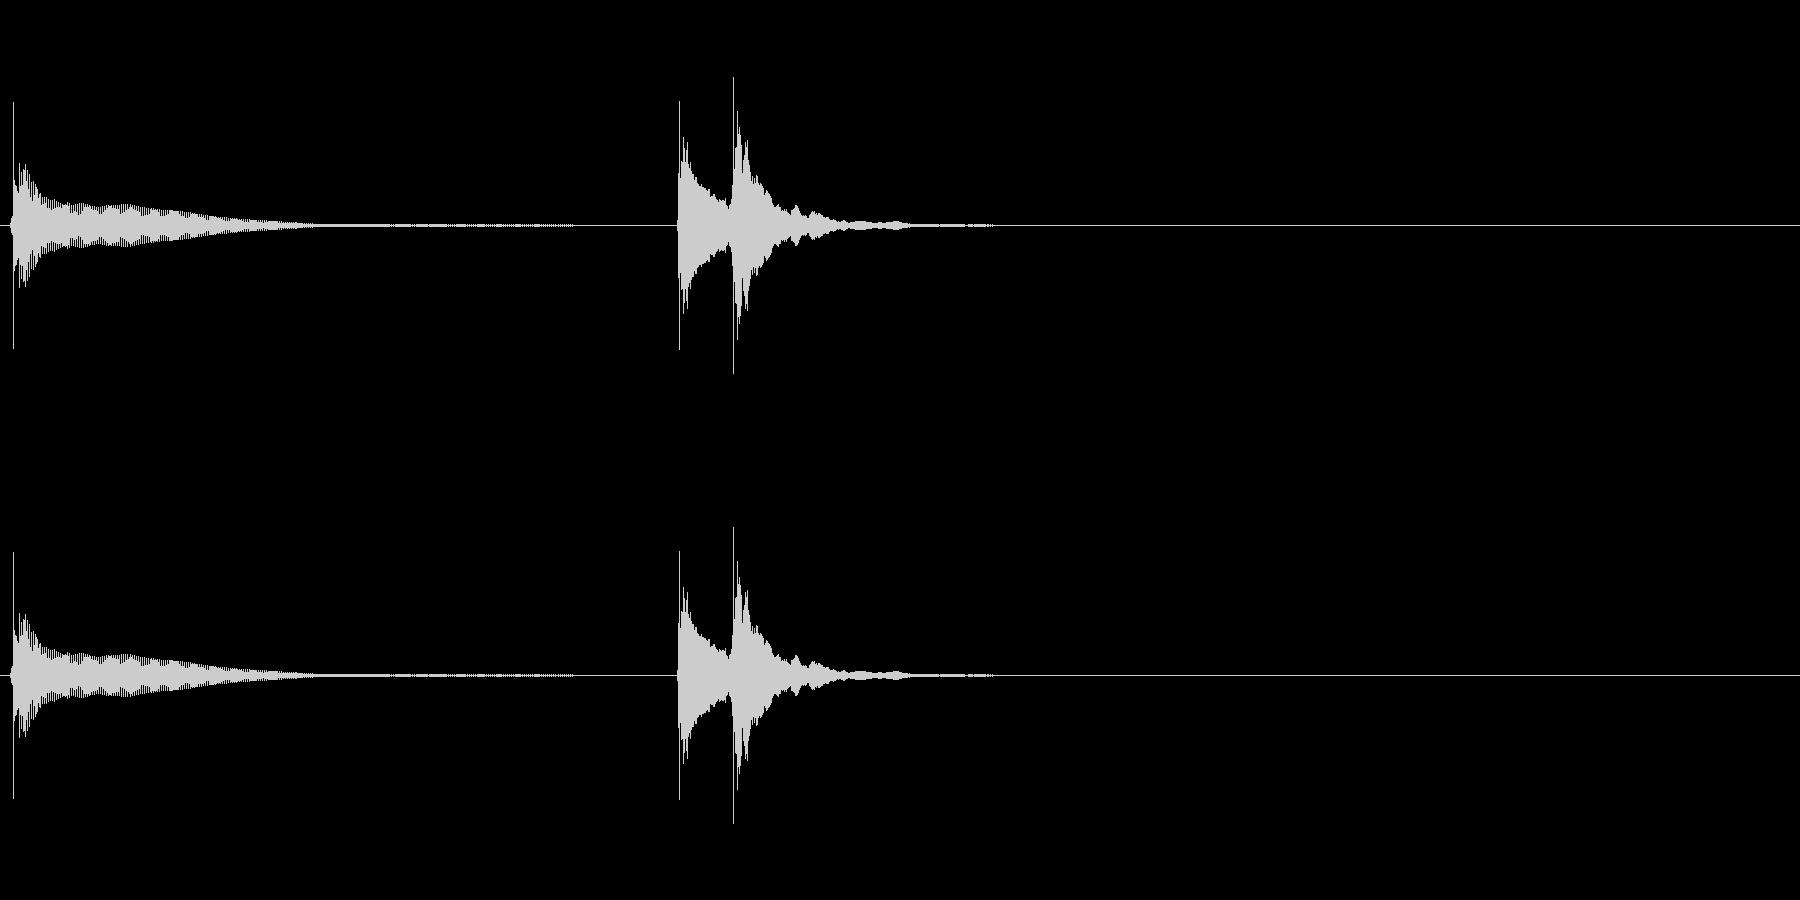 生演奏 琵琶 和風 古典風#5の未再生の波形